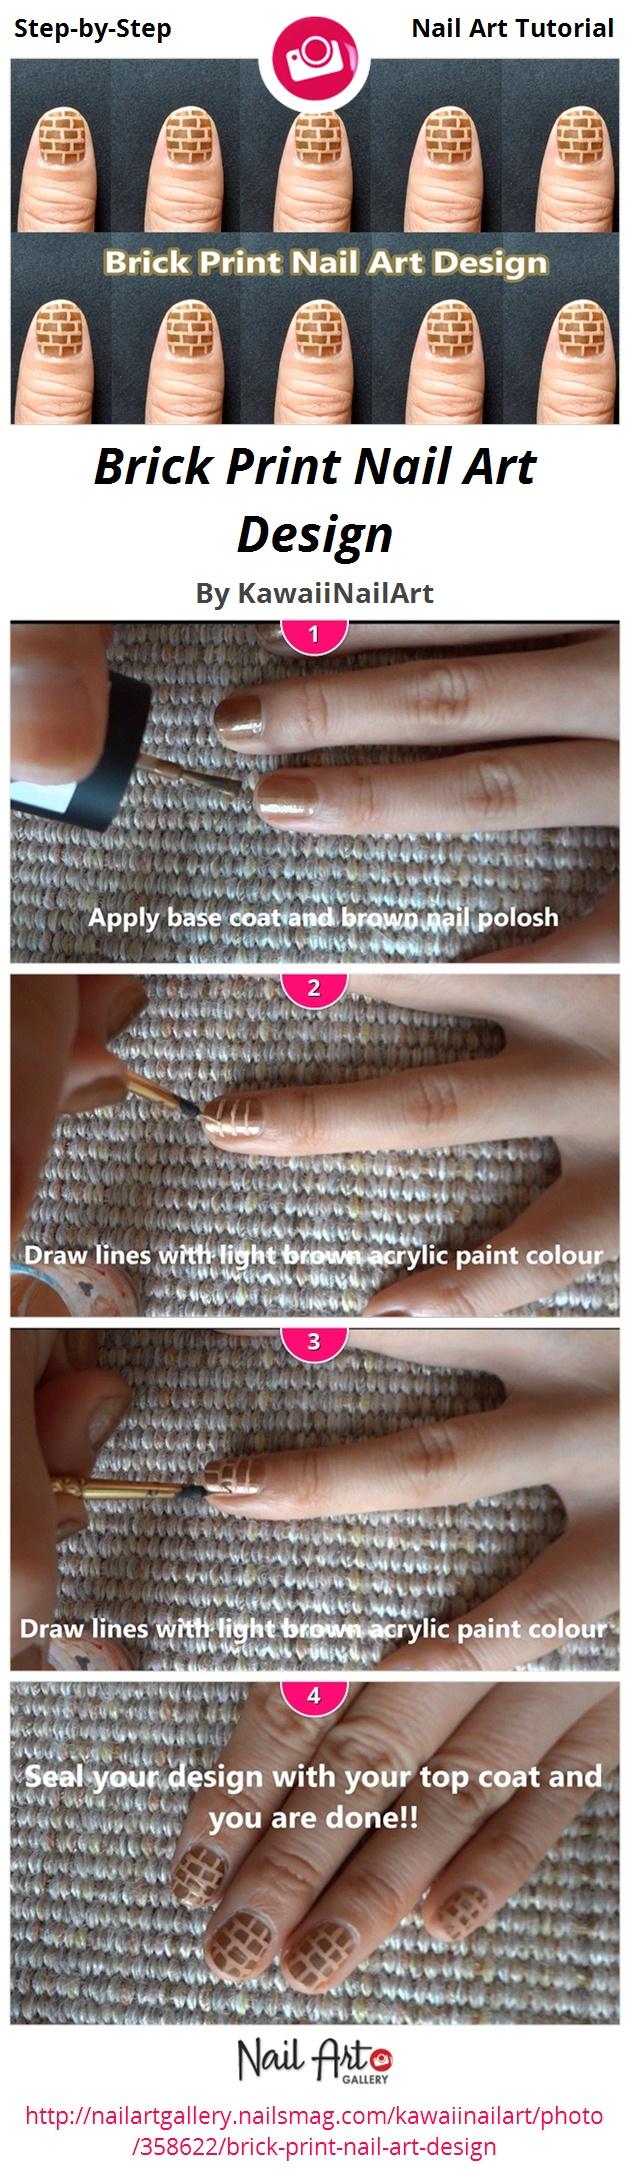 Brick Print Nail Art Design - Nail Art Gallery